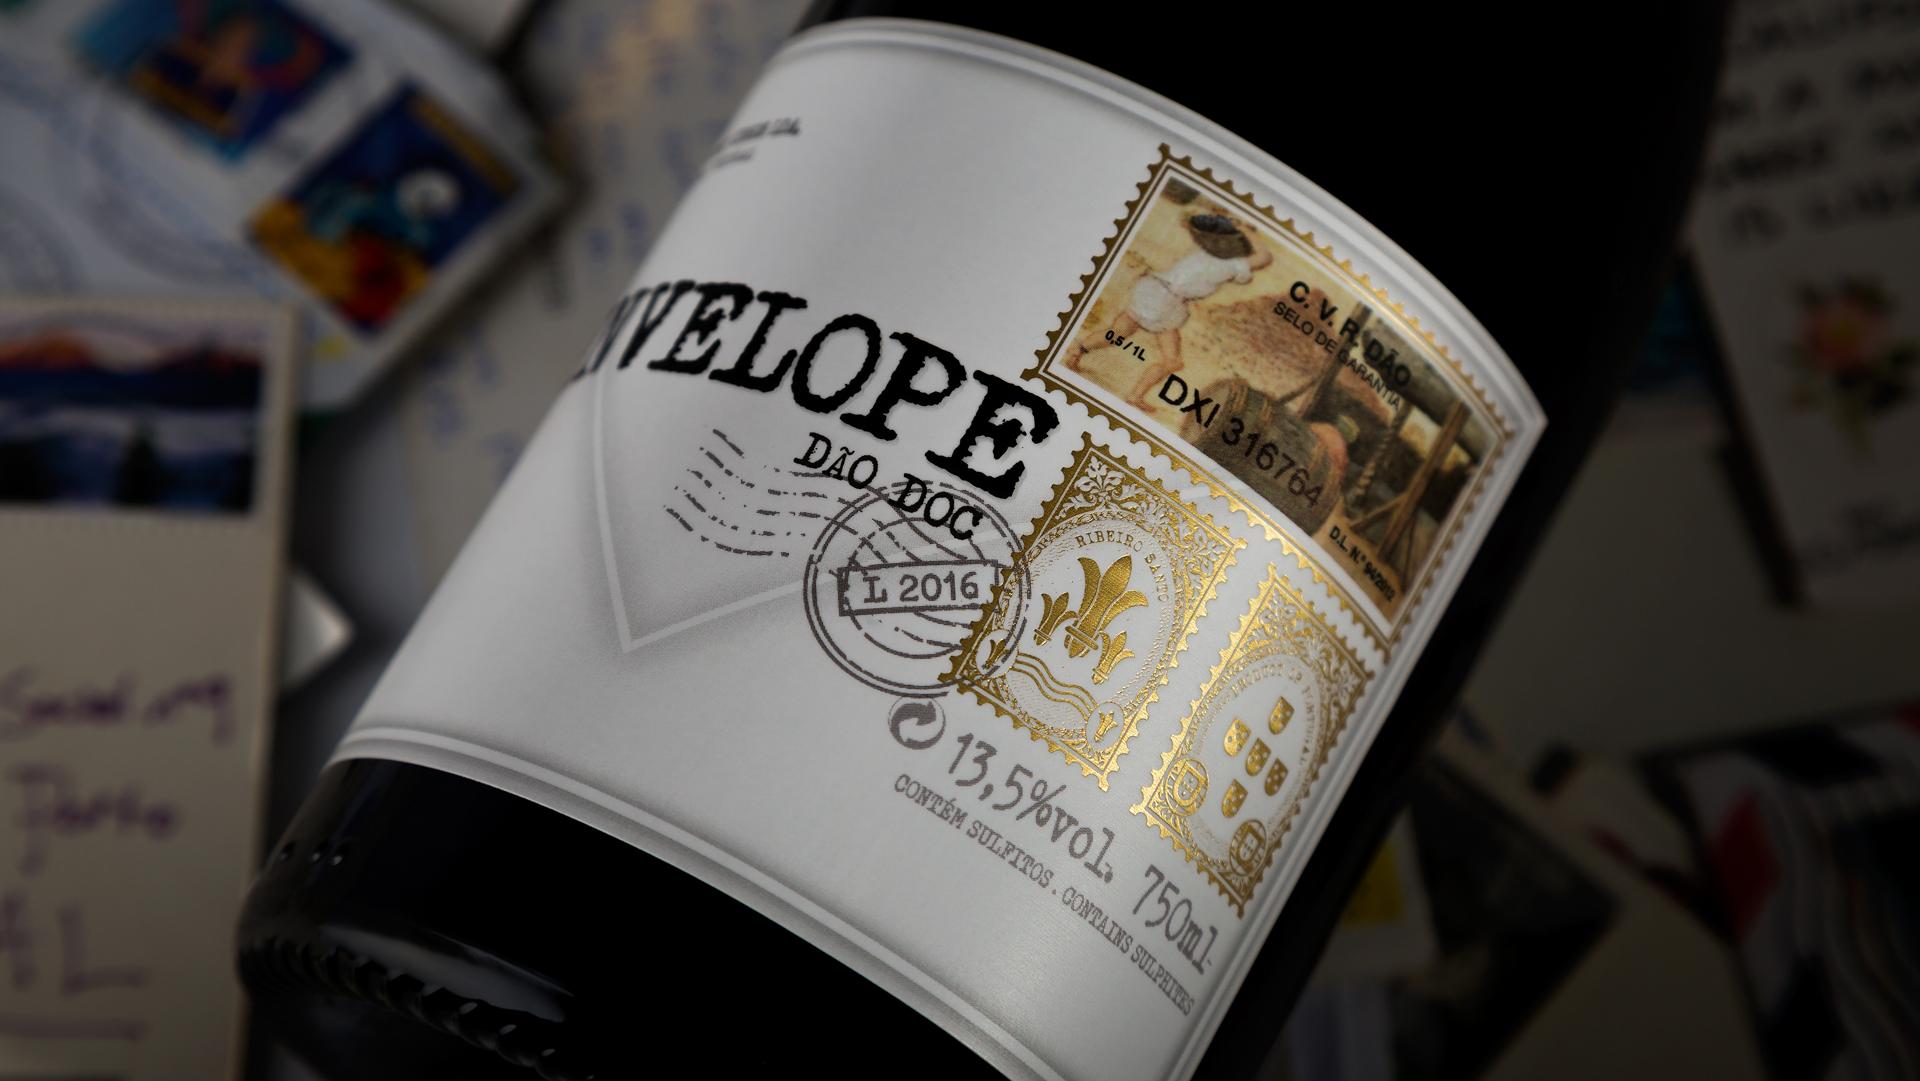 Ribeiro Santo Envelope Wine Label - PaperSpecs